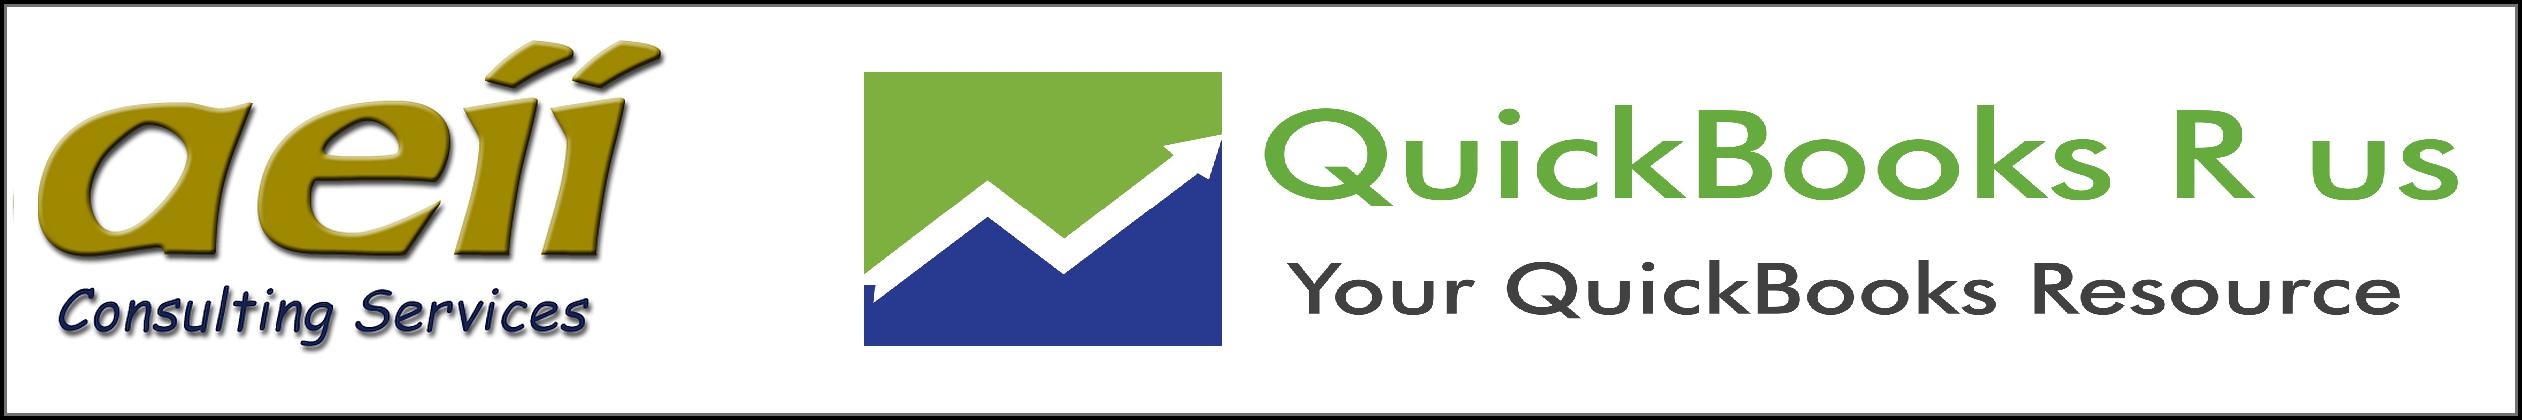 AEII-QuickBooksRus